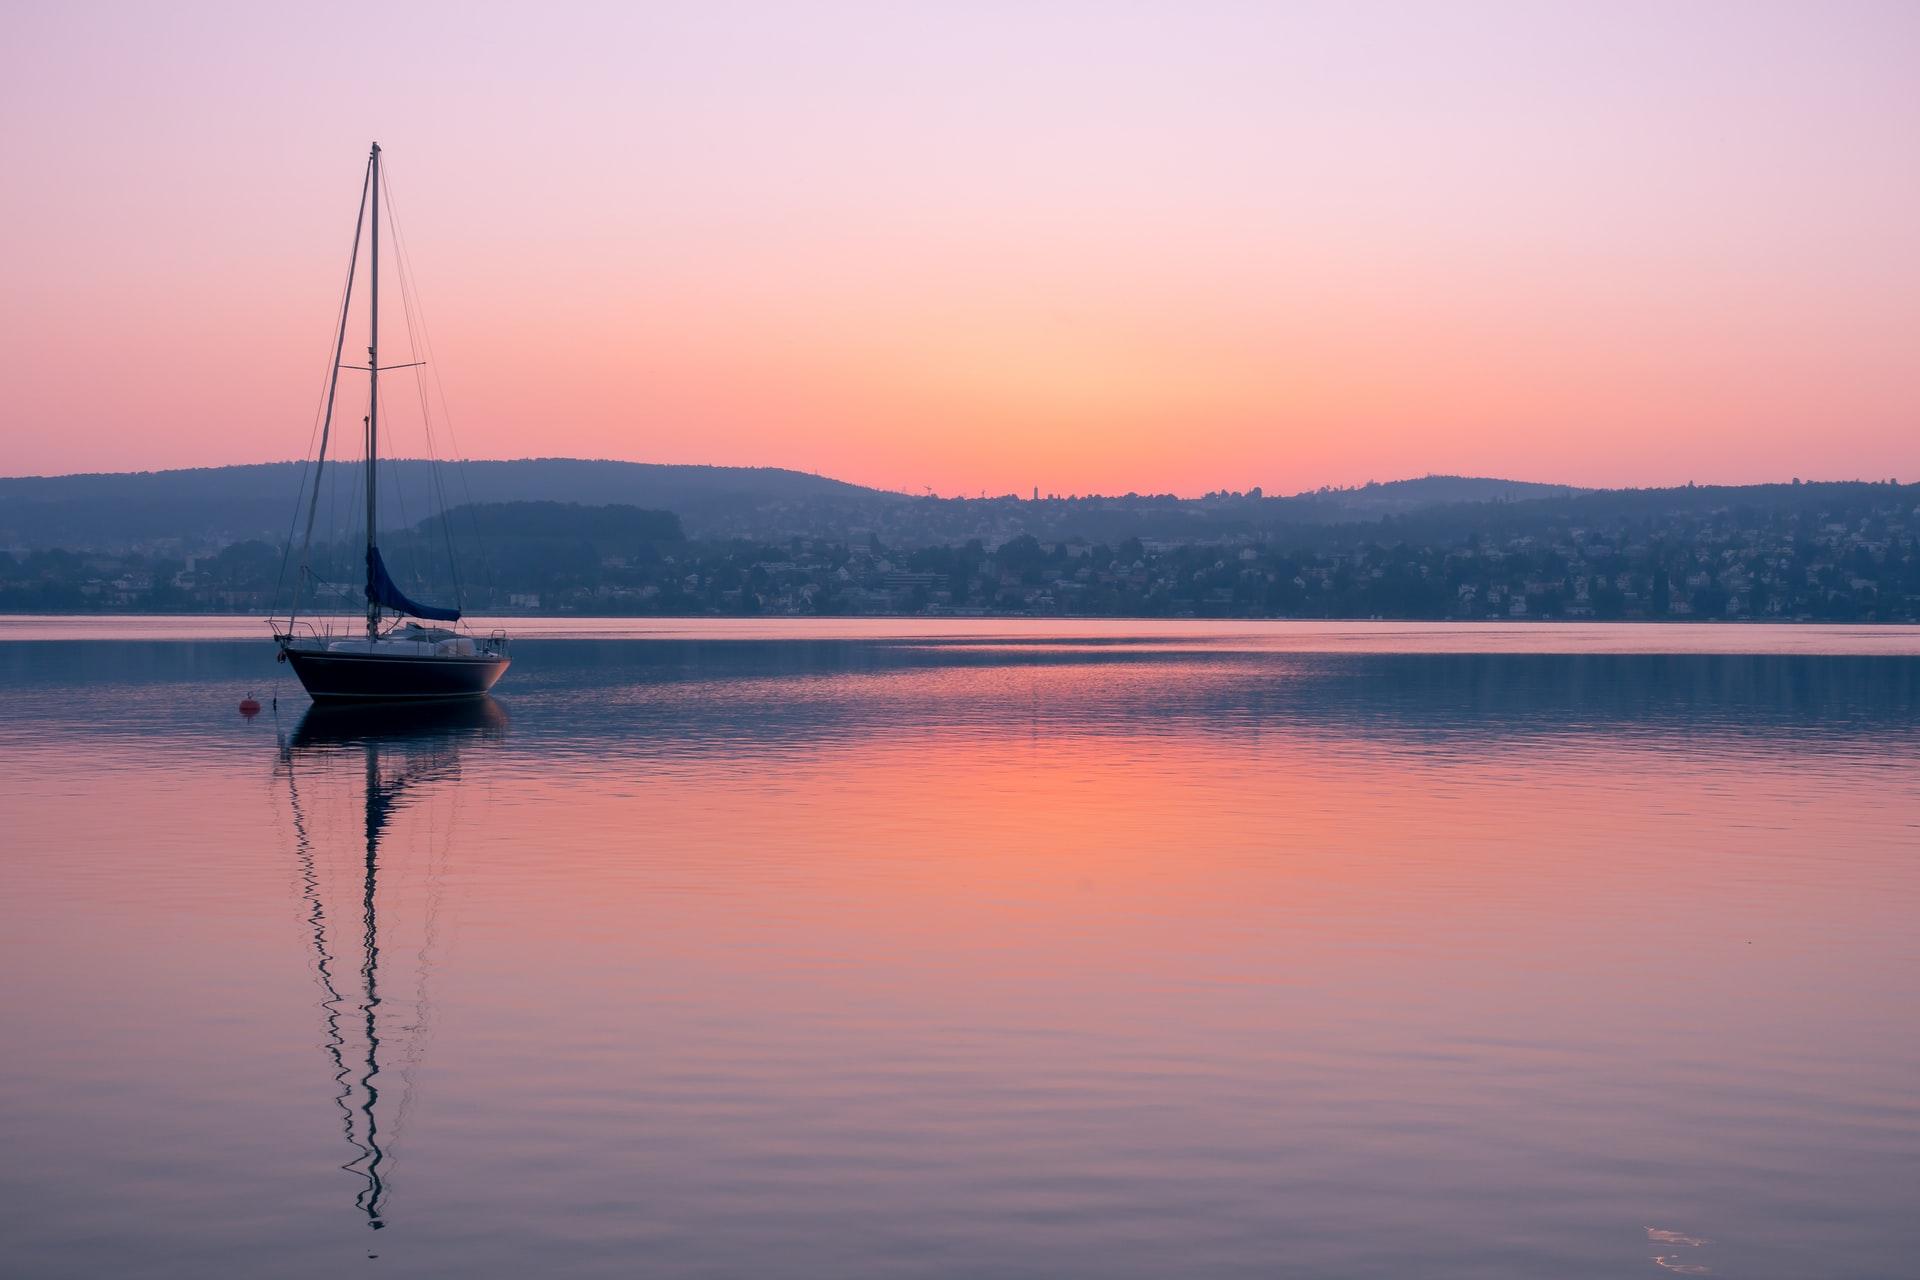 Dlaczego warto zdecydować się na czarter jachtów w Giżycku?